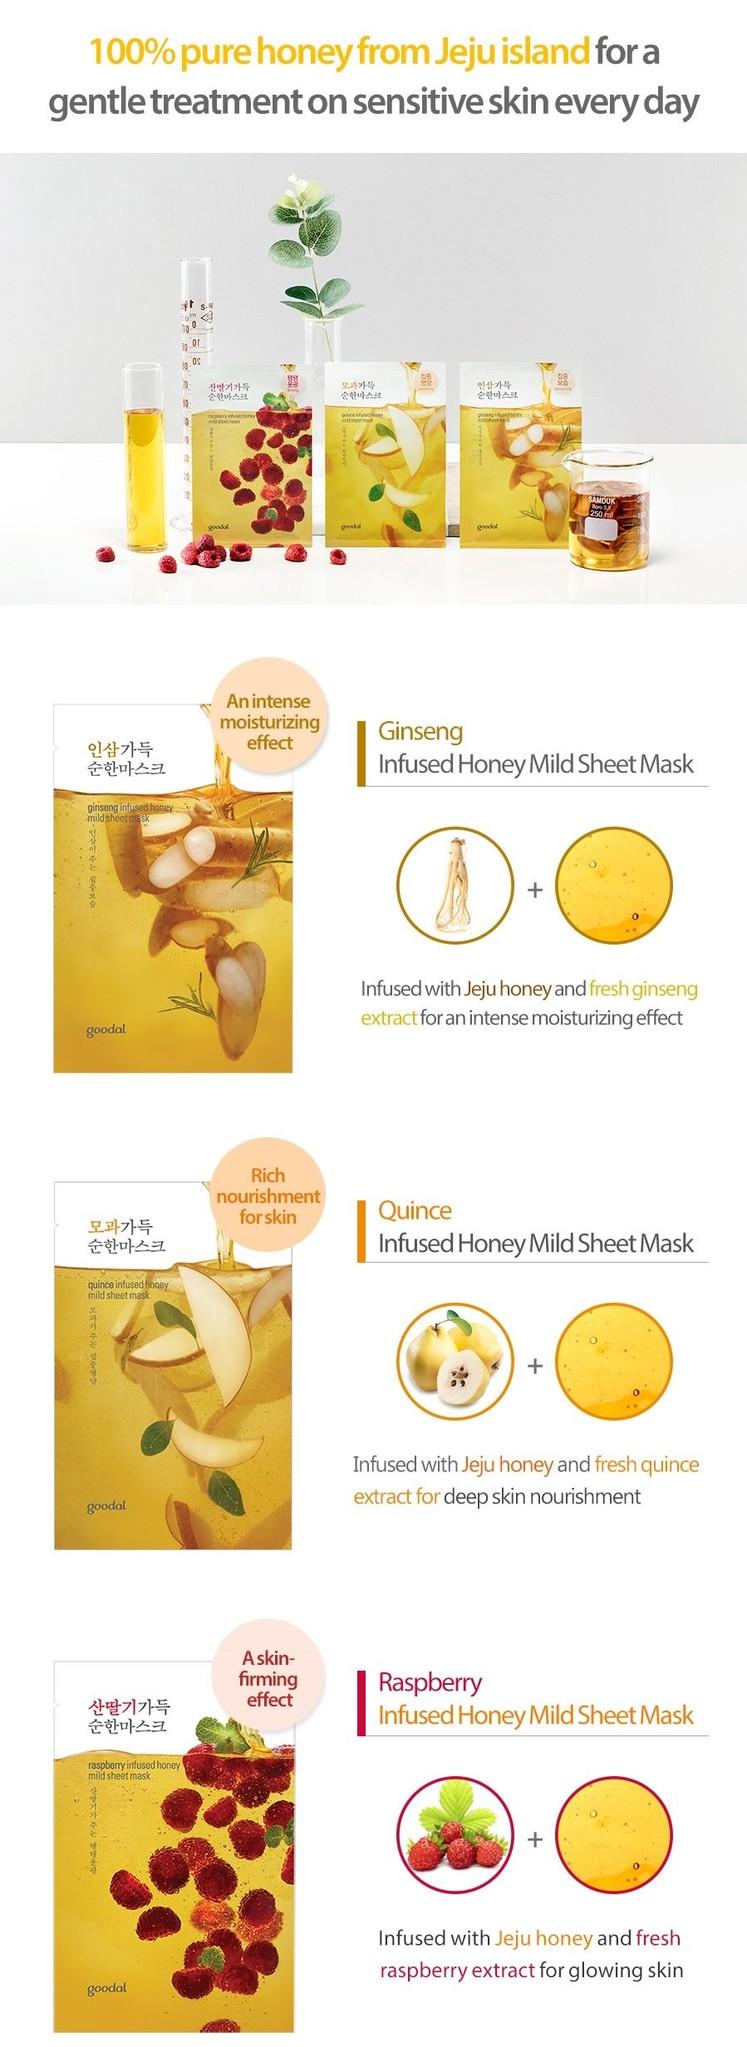 raspberry infused honey mild sheet mask-7